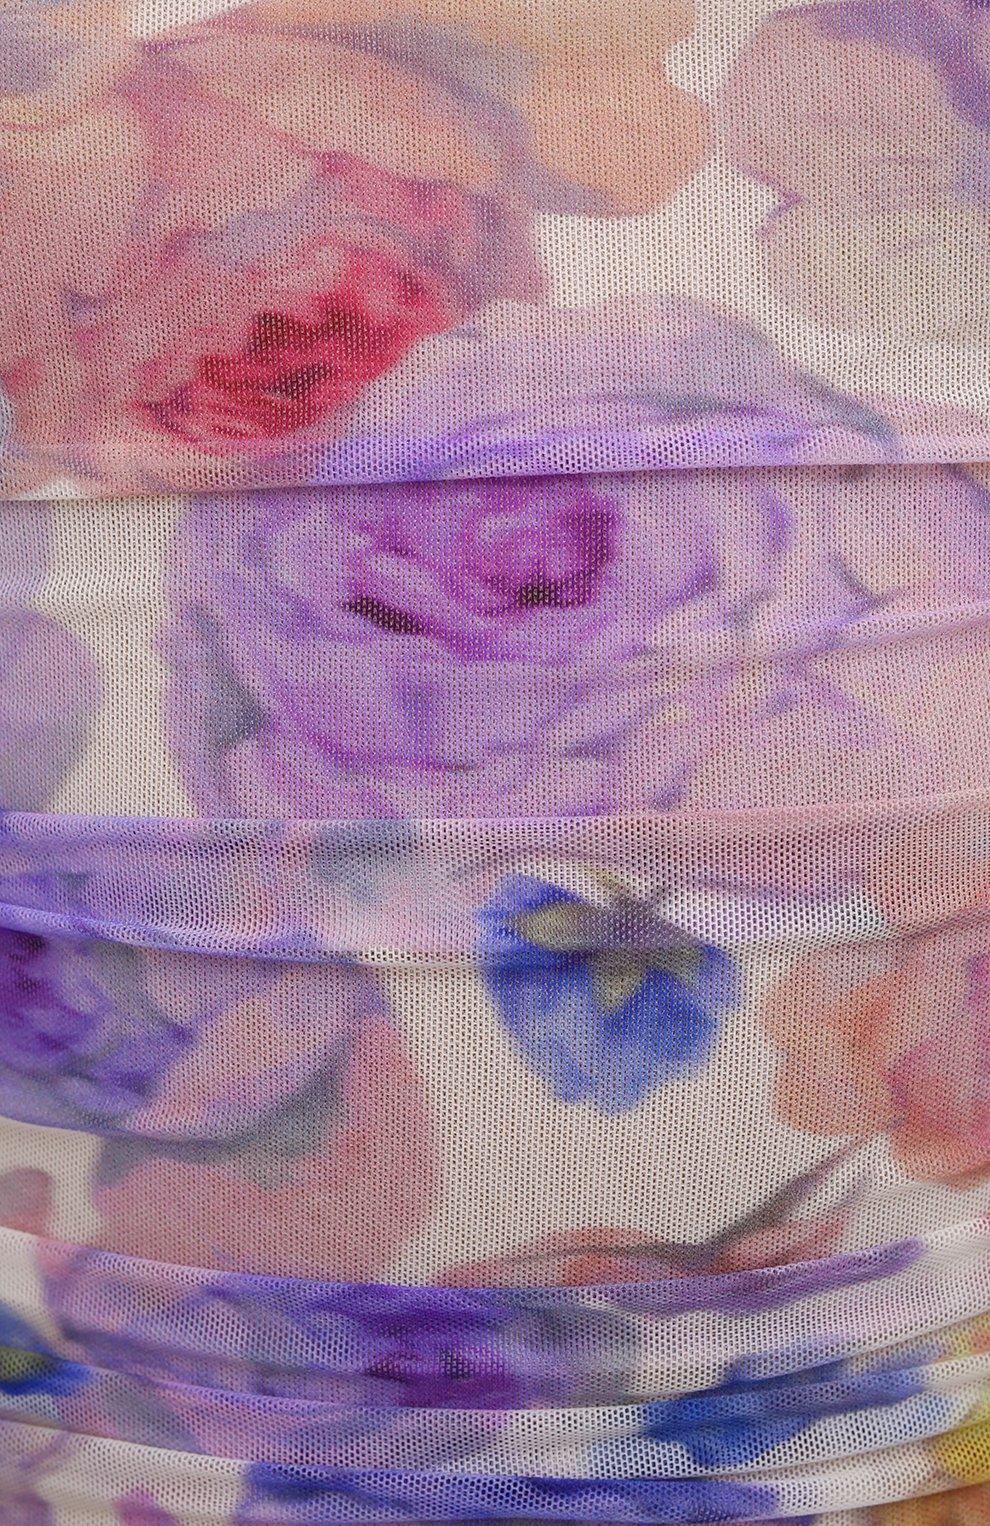 Женское платье GANNI разноцветного цвета, арт. T2892   Фото 5 (Рукава: Длинные; Случай: Вечерний; Материал внешний: Синтетический материал; Длина Ж (юбки, платья, шорты): Миди; Материал подклада: Синтетический материал; Стили: Романтичный; Женское Кросс-КТ: Платье-одежда)